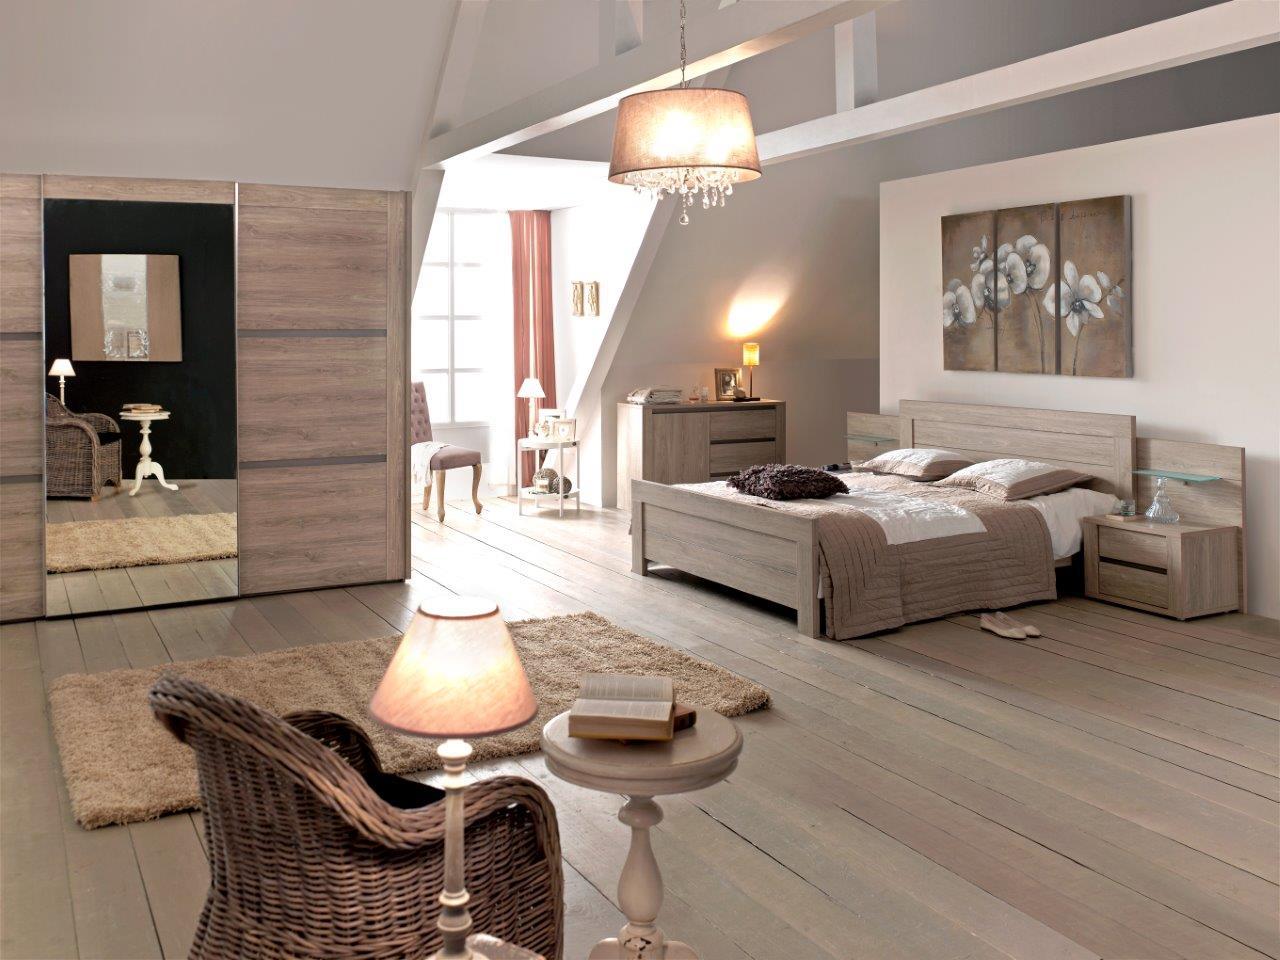 Slaapkamer rocca hout deba meubelen for Slaapkamer meubelen